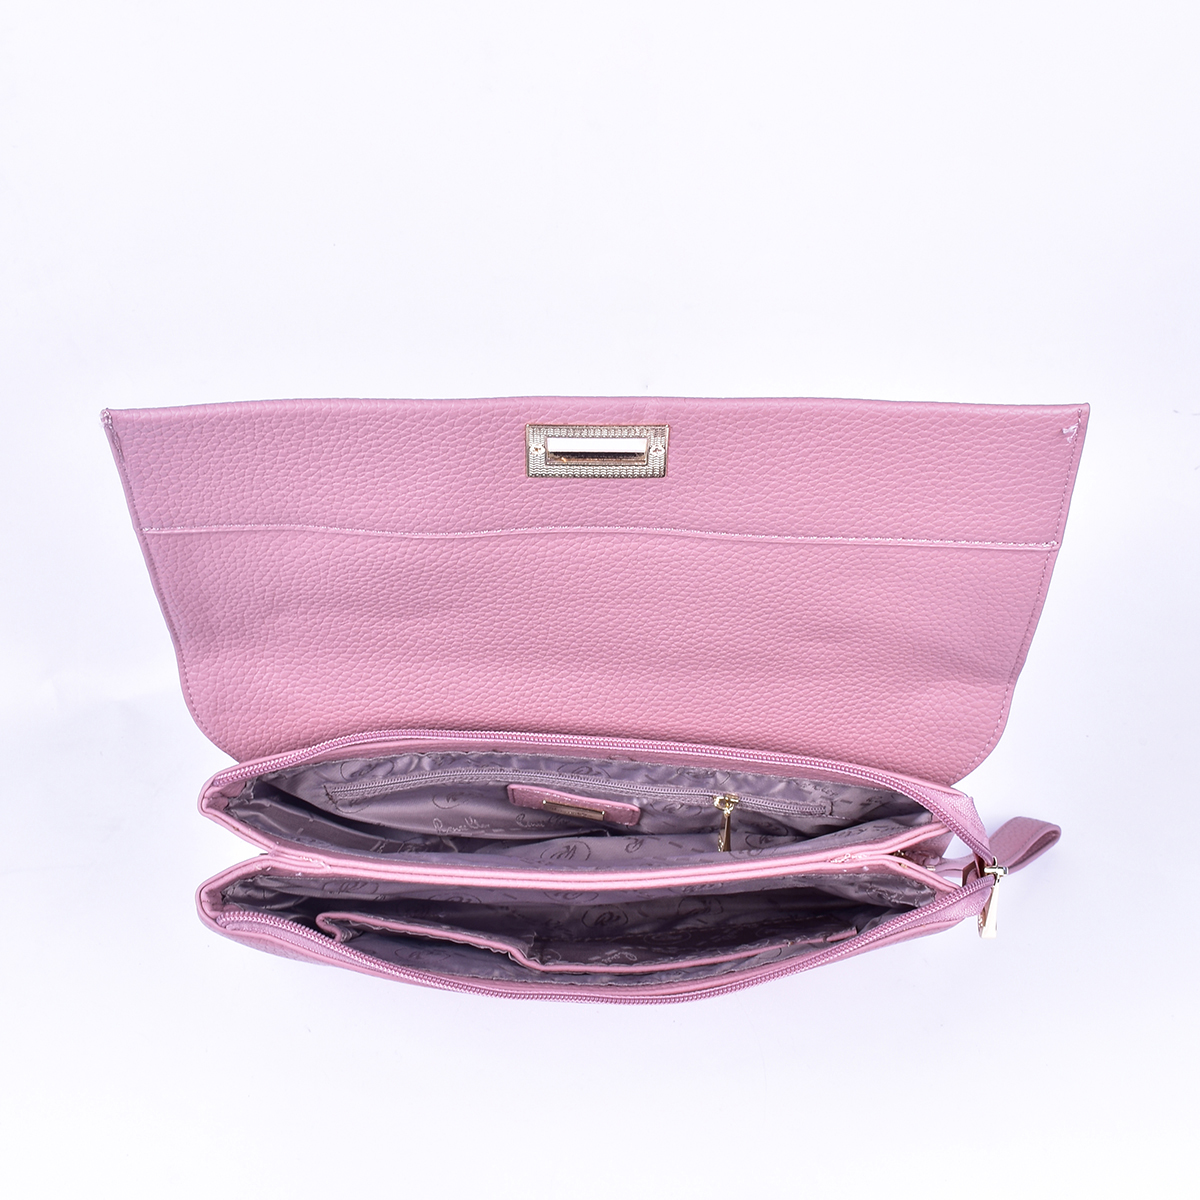 Клатч женскиий Renee Kler цвет розовый RK391 10